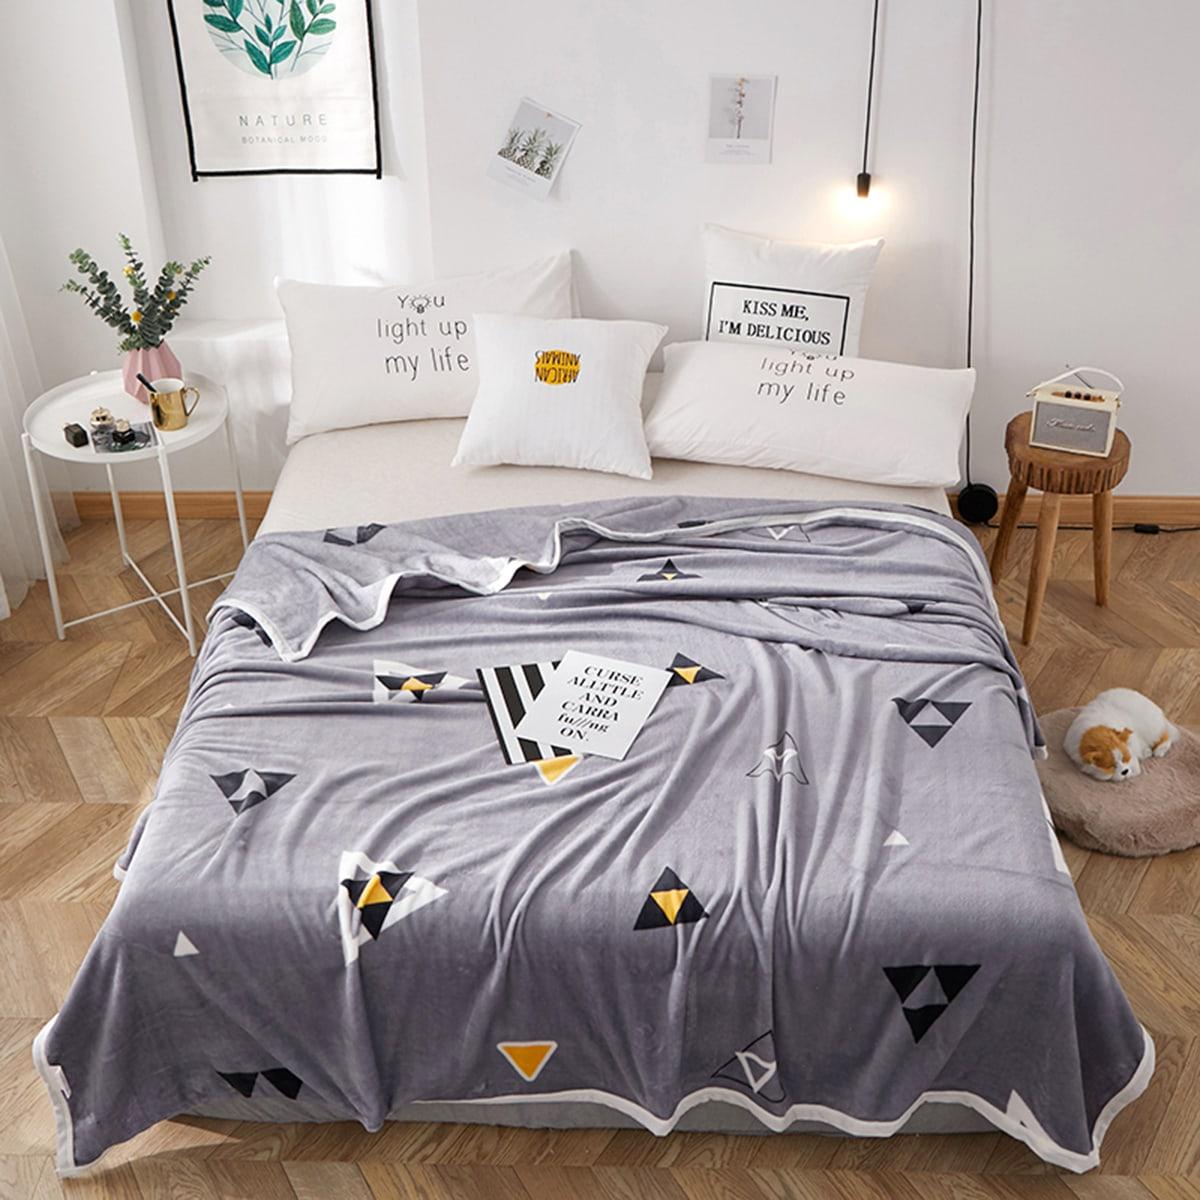 Flanellen deken met driehoekspatroon